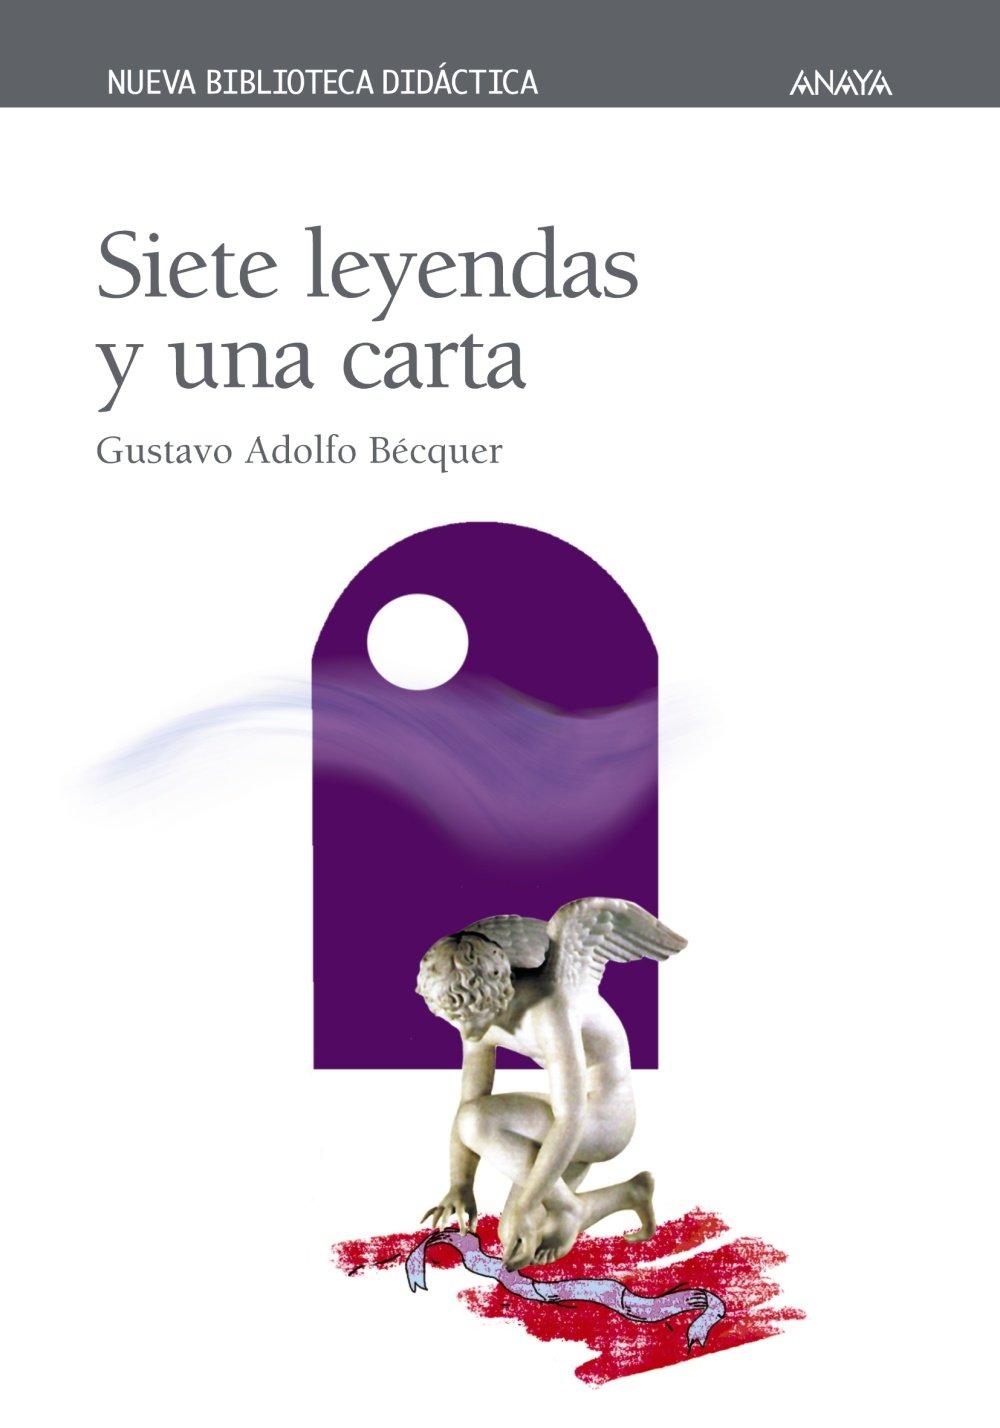 Siete leyendas y una carta CLÁSICOS - Nueva Biblioteca Didáctica ...